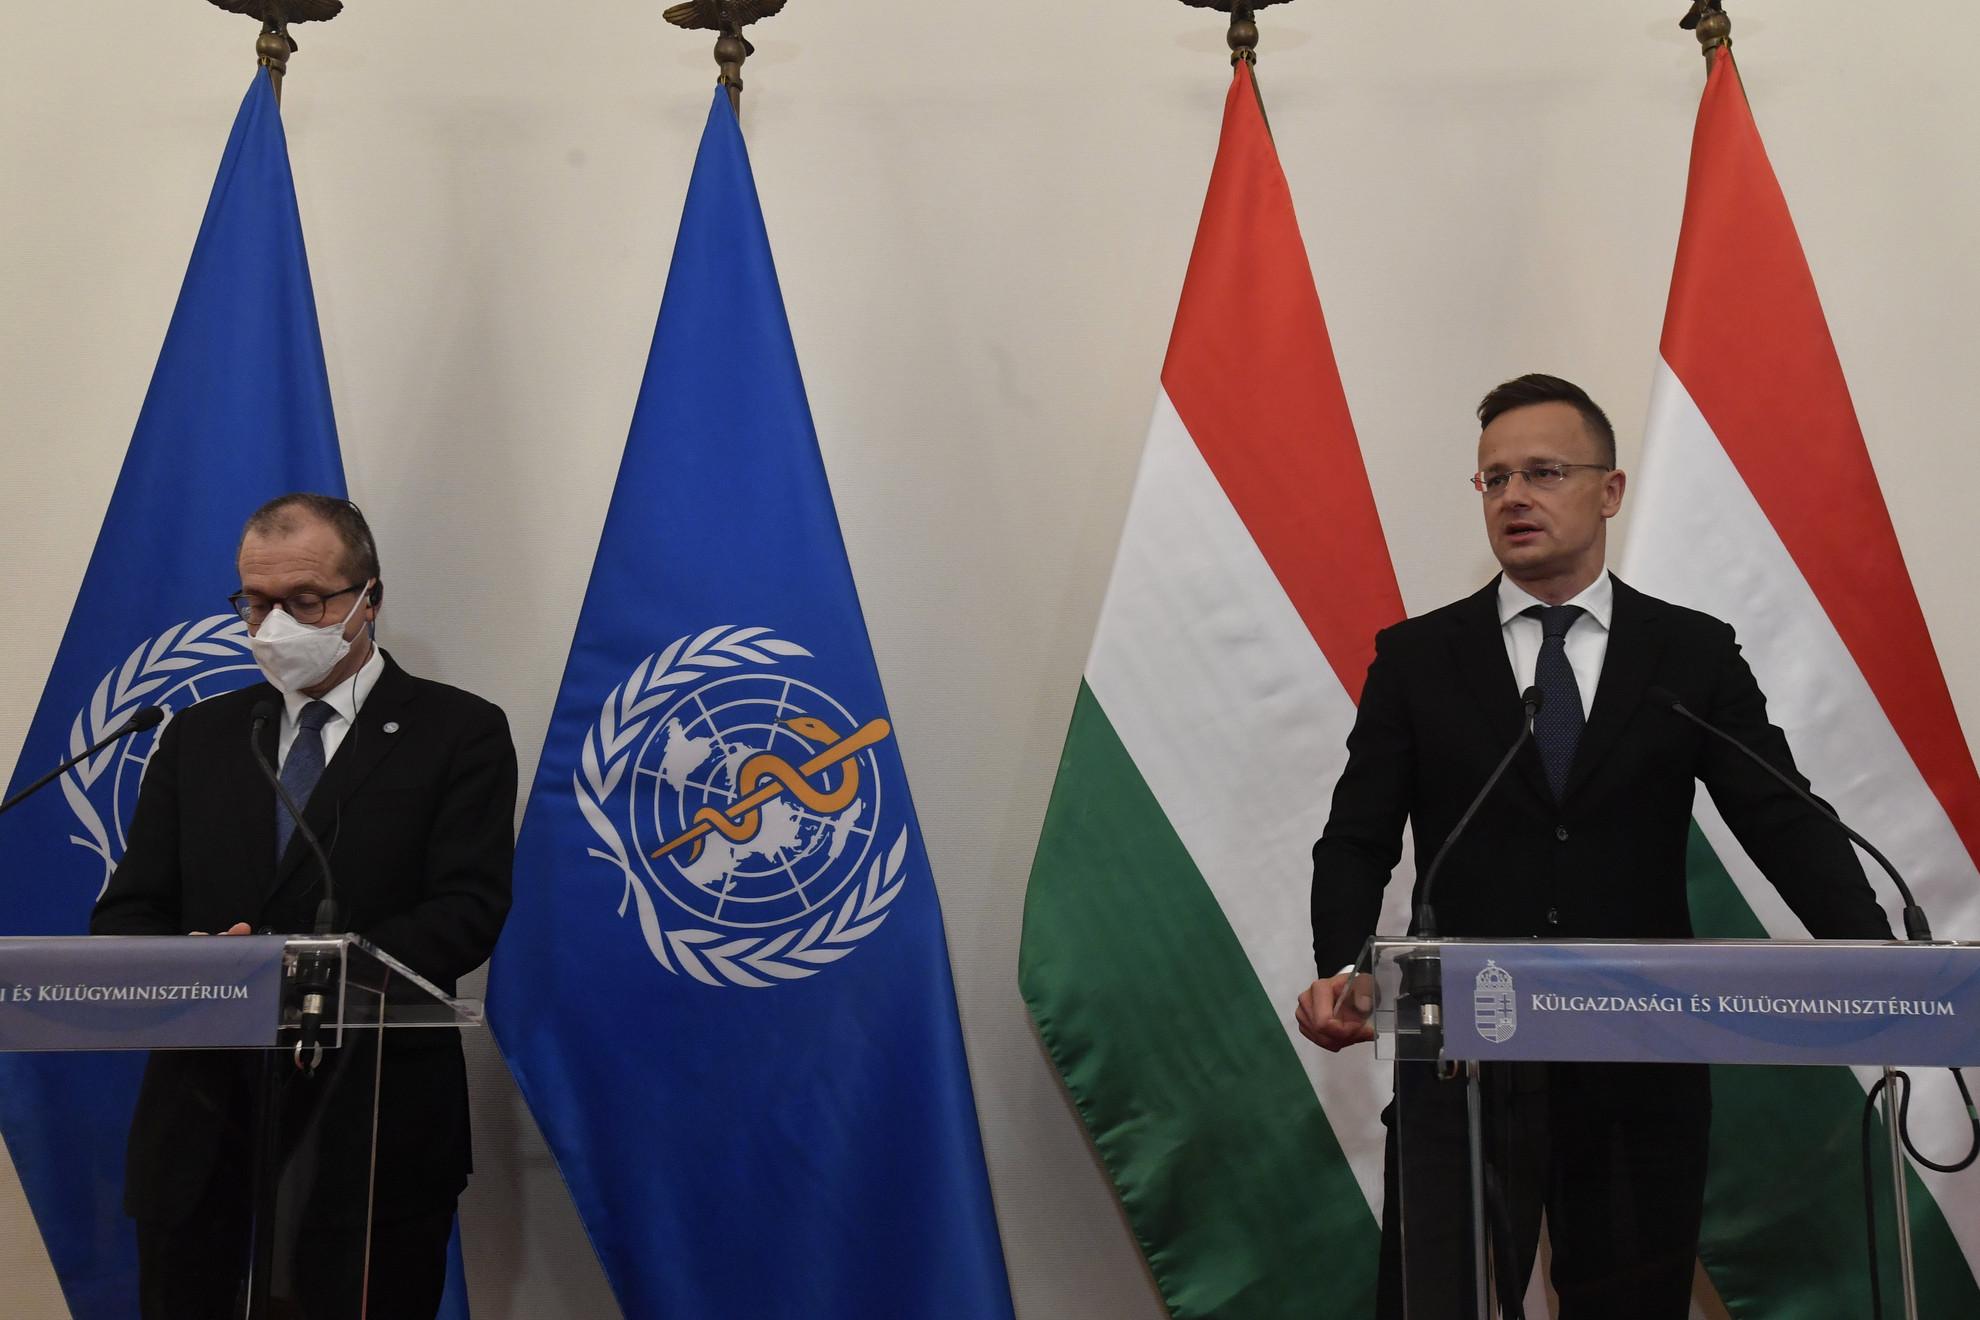 Szijjártó Péter külgazdasági és külügyminiszter (j) és Hans Kluge, az Egészségügyi Világszervezet (WHO) európai regionális igazgatója (j2) megbeszélésüket követően sajtótájékoztatót tart Budapesten